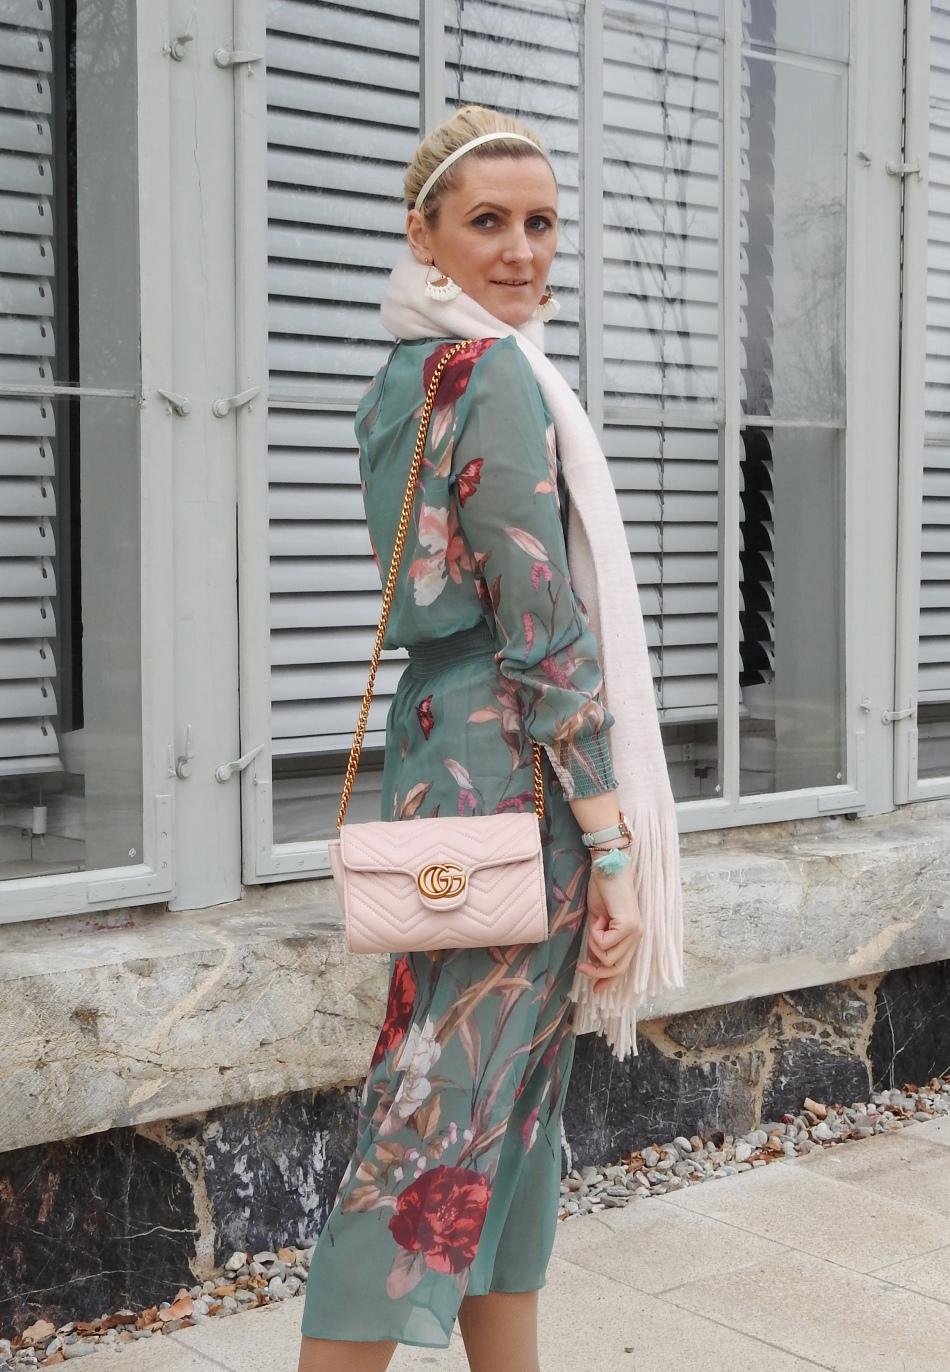 Floral-Print-Dress-Studded-Sneakers-Springlook-pink-scarf-pearls-carrieslifestyle-Tamara-Prutsch